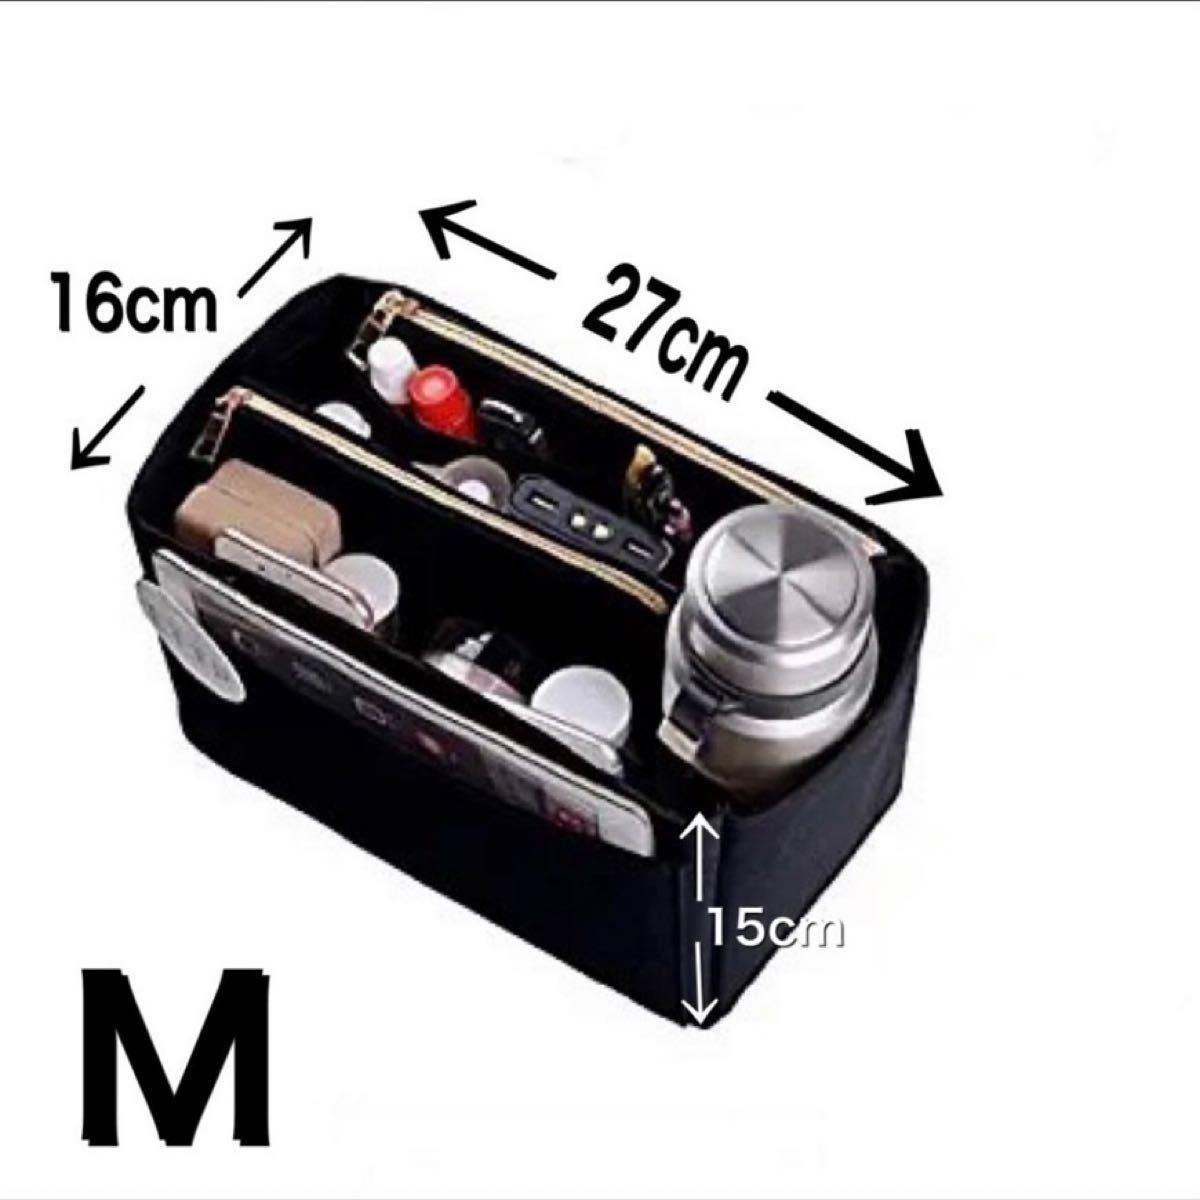 バッグインバッグ バッグ 収納 大容量 軽量 トートバッグ ハンドバッグ M メイクポーチ 化粧ポーチ 旅行ポーチ